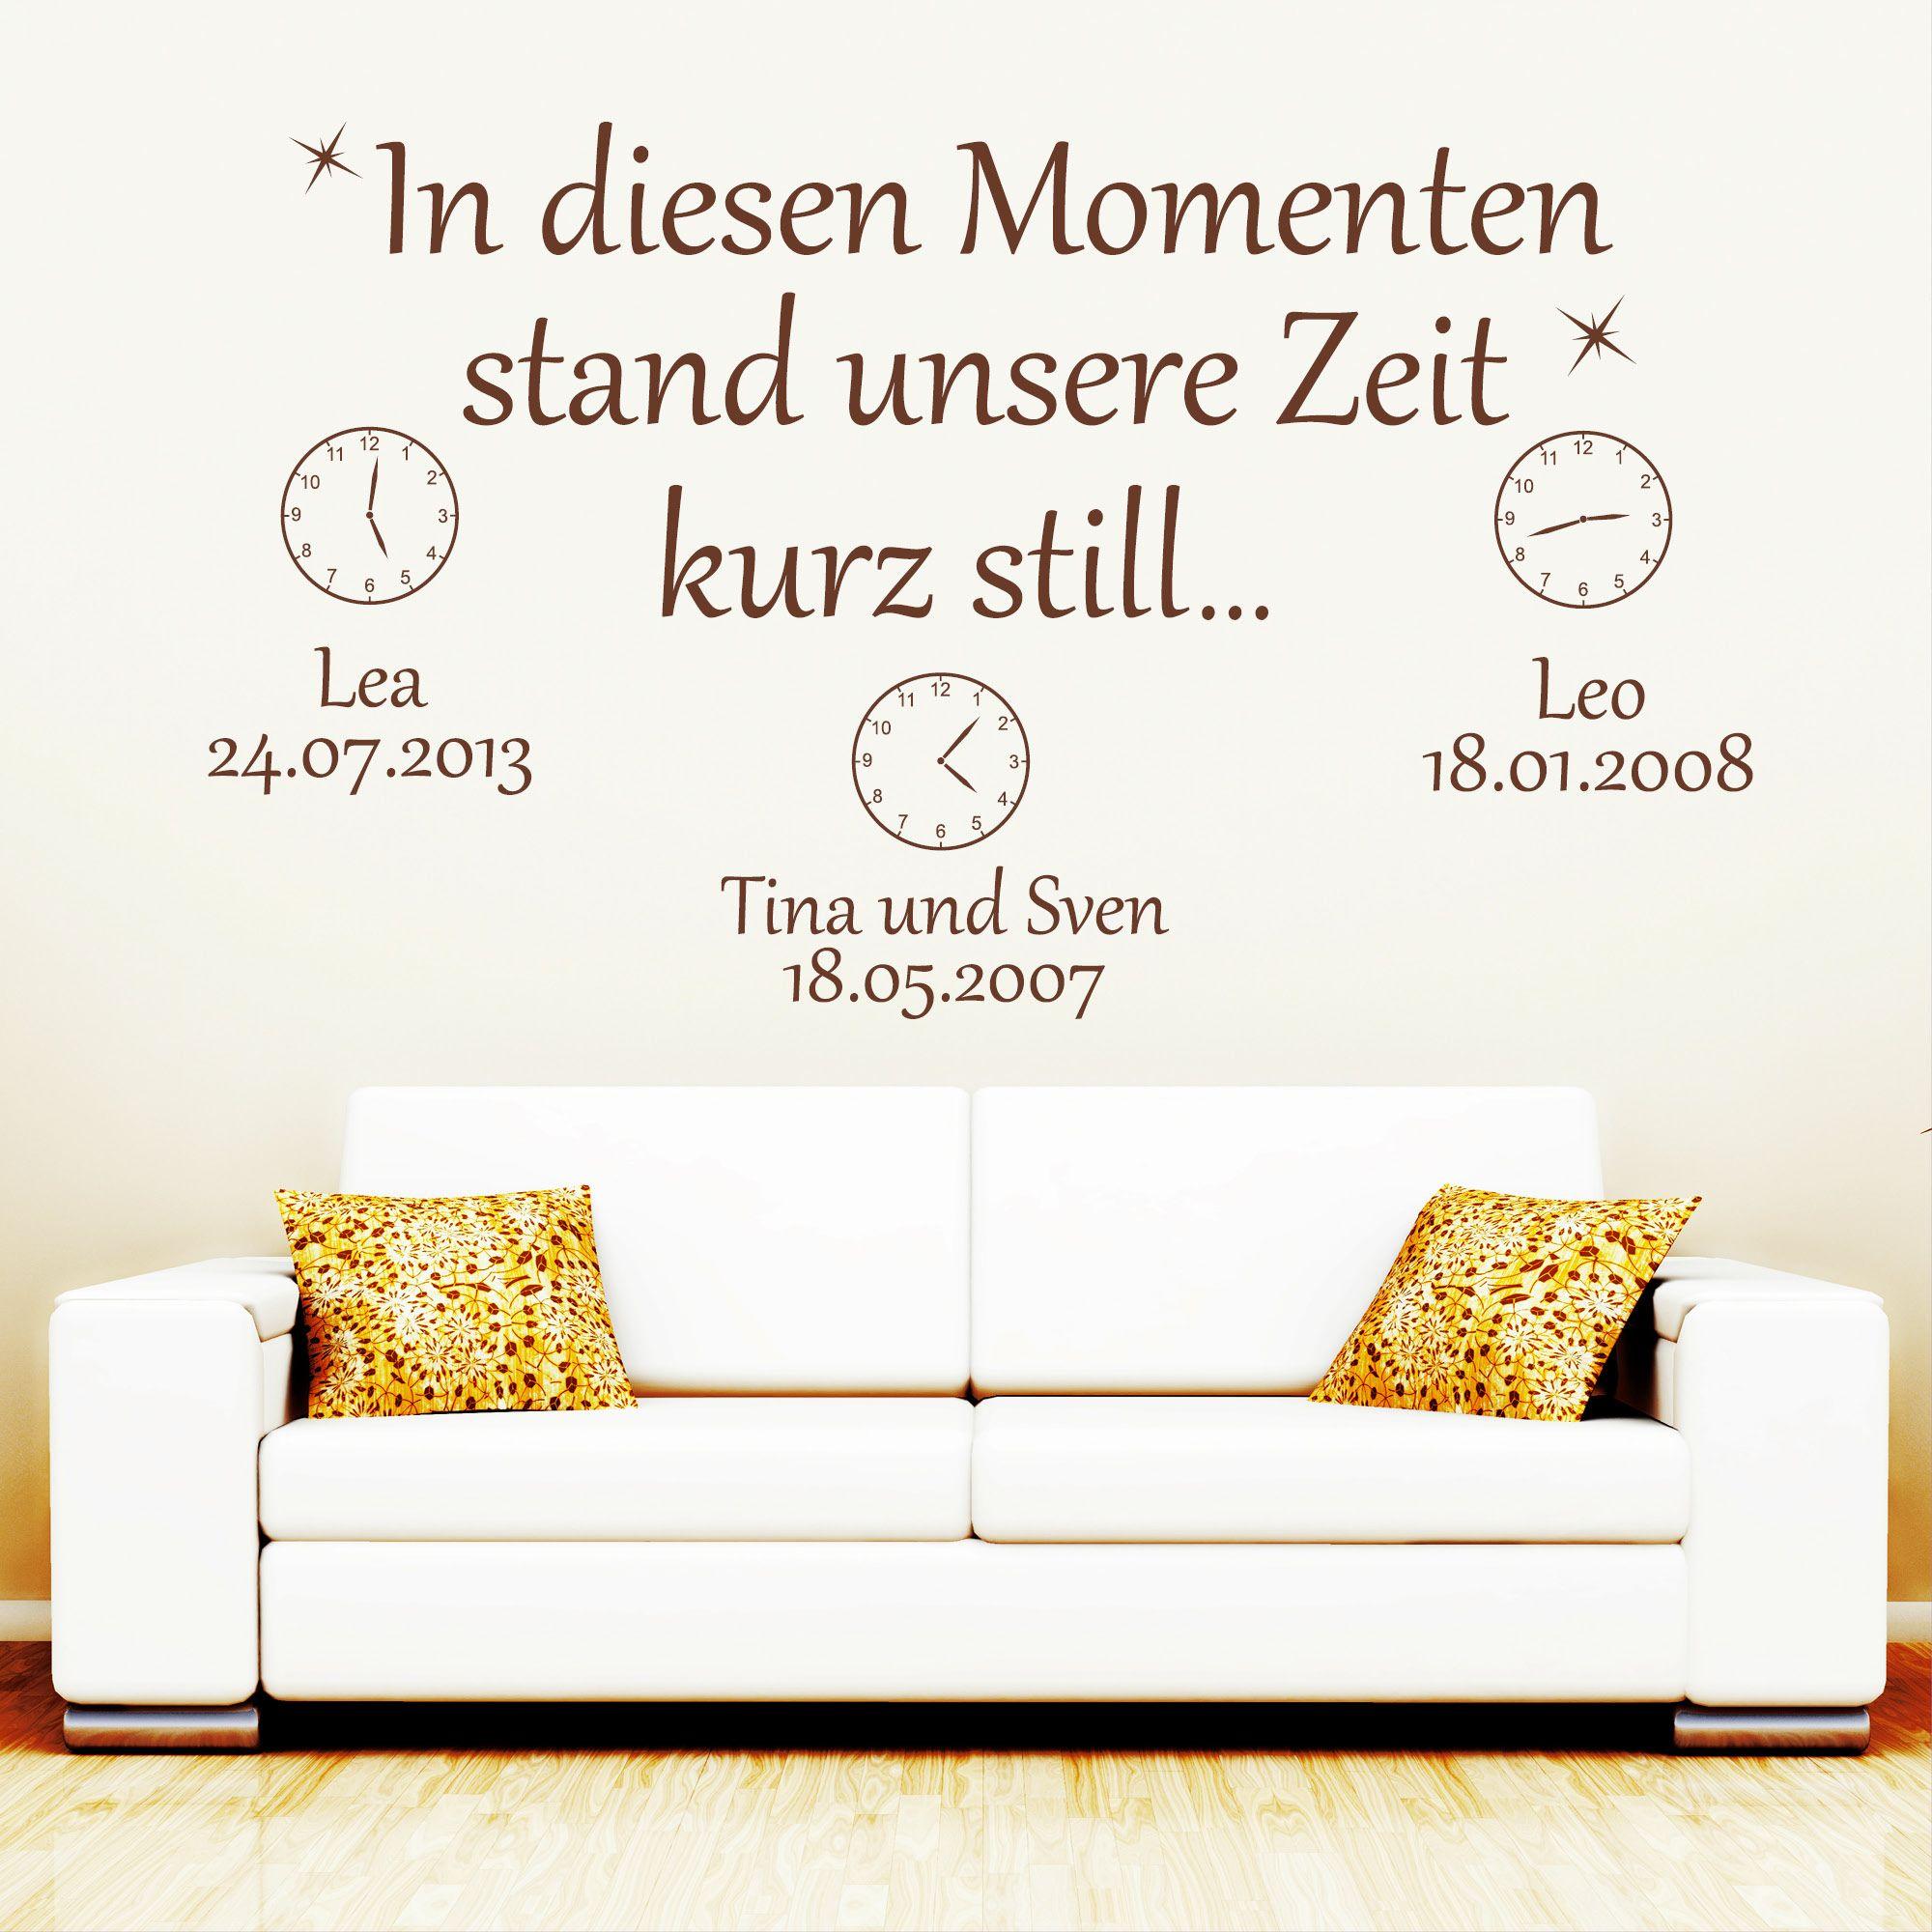 In Diesen Momenten Stand Unsere Zeit Kurz Still Wandbild Dieser Moment Wandtattoo Wandtattoos Wohnzimmer